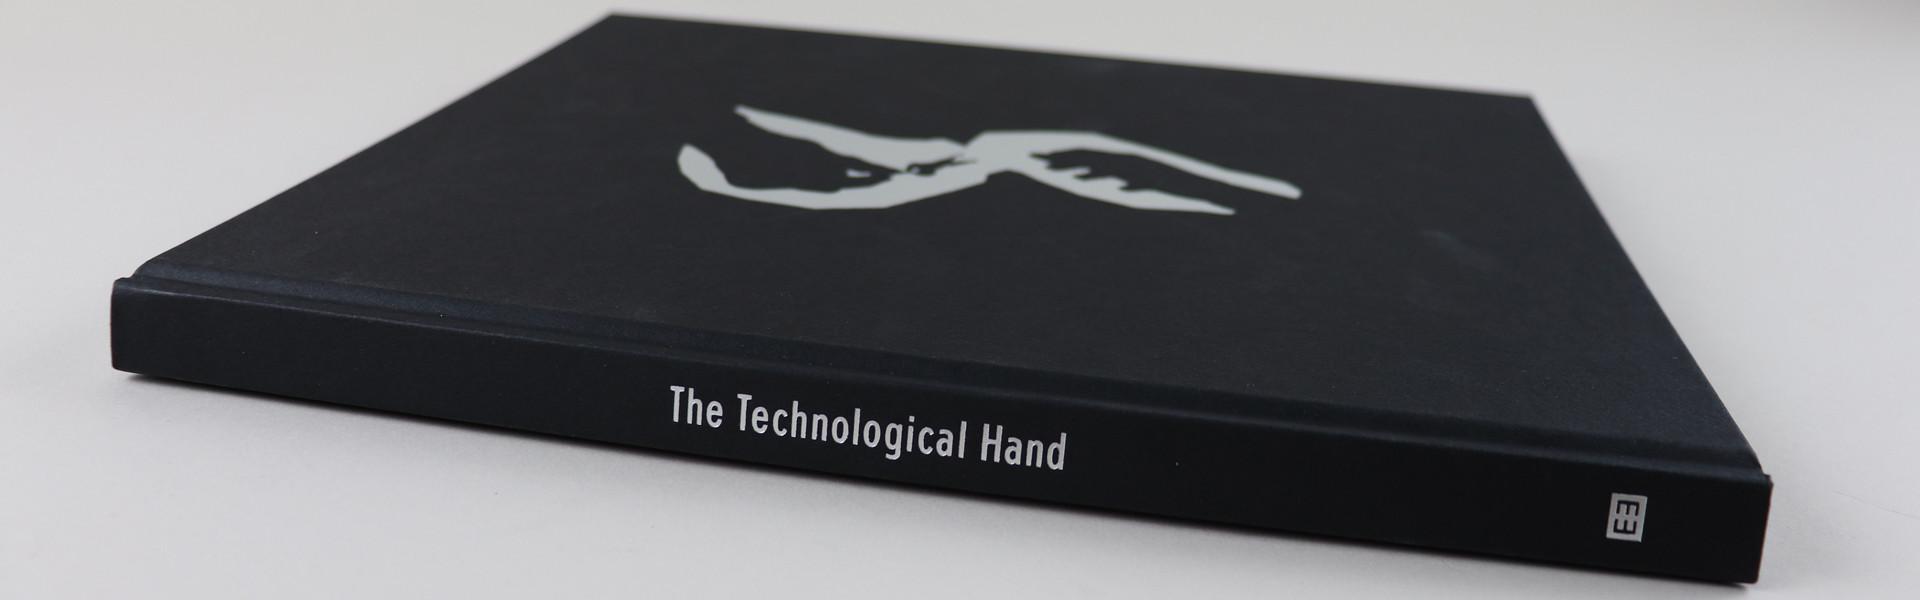 Markus Kramer The Technological Hand